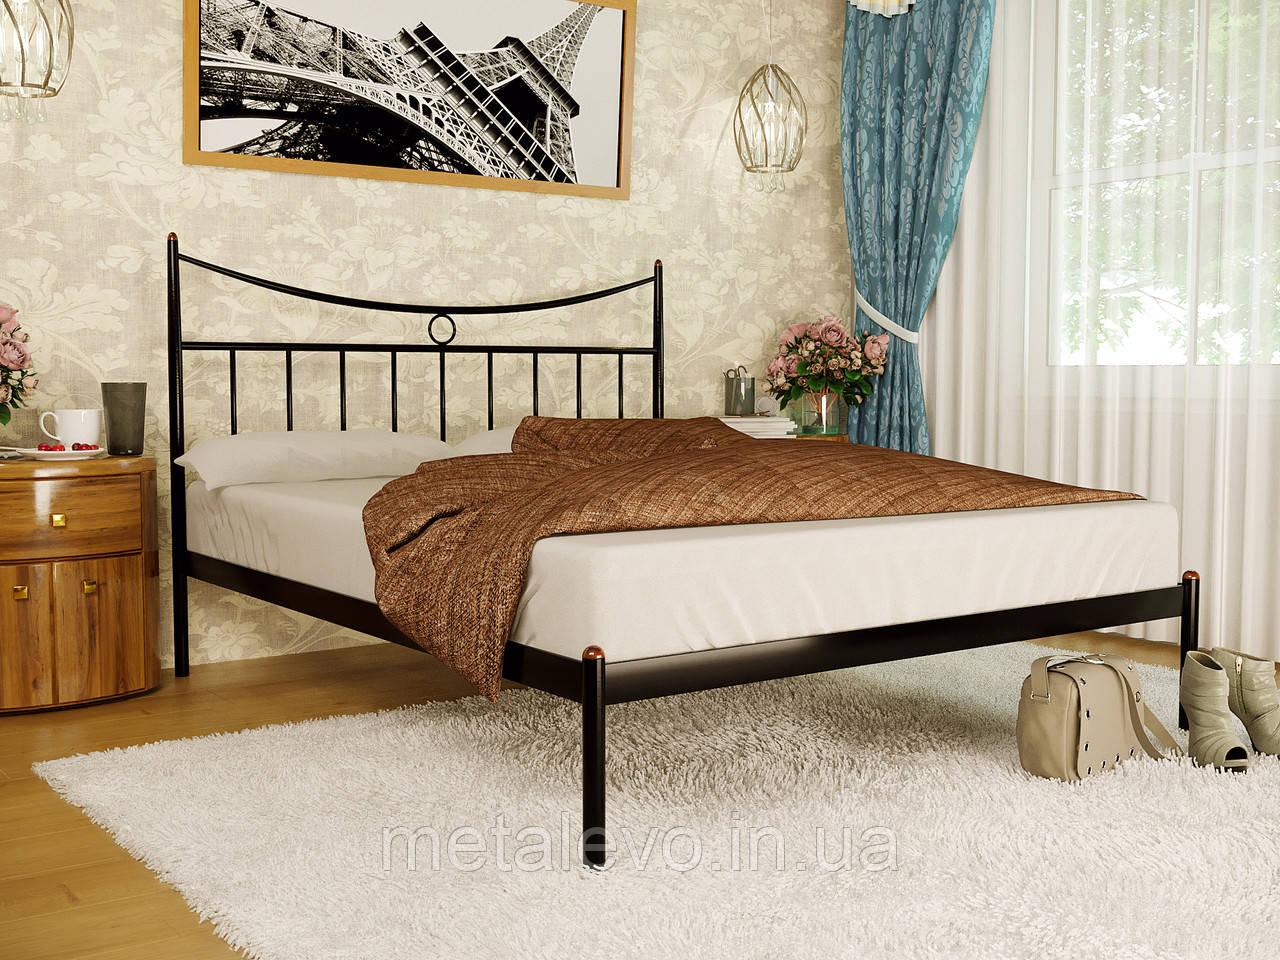 Металлическая кровать ПАРИЖ-1